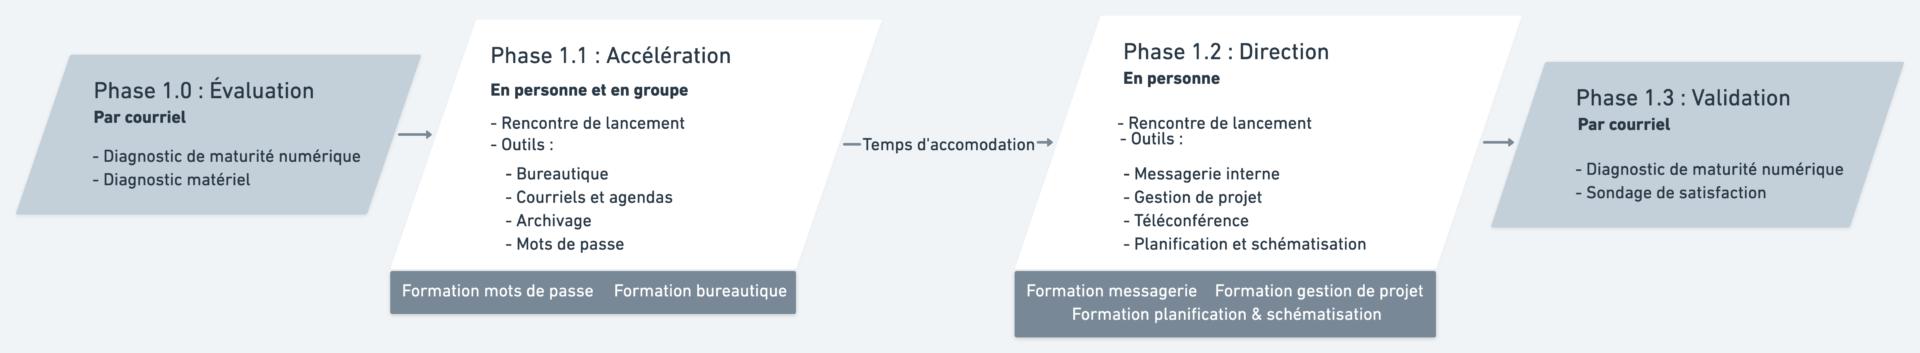 Schéma d'intervention de la transformation numérique